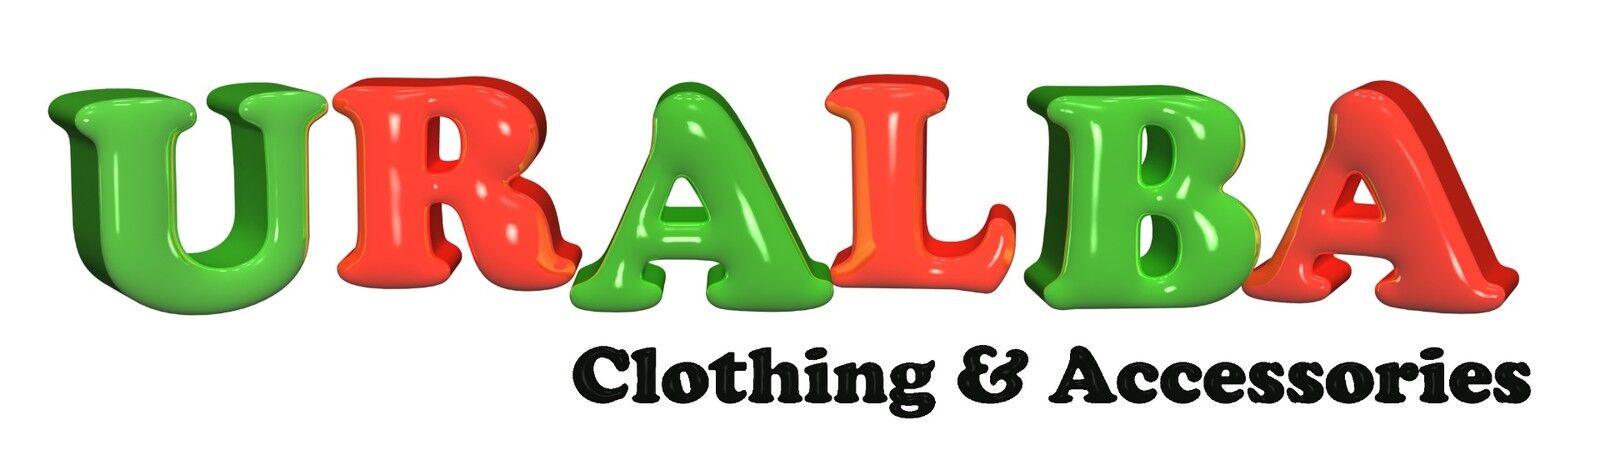 Uralba Clothing & Accessories